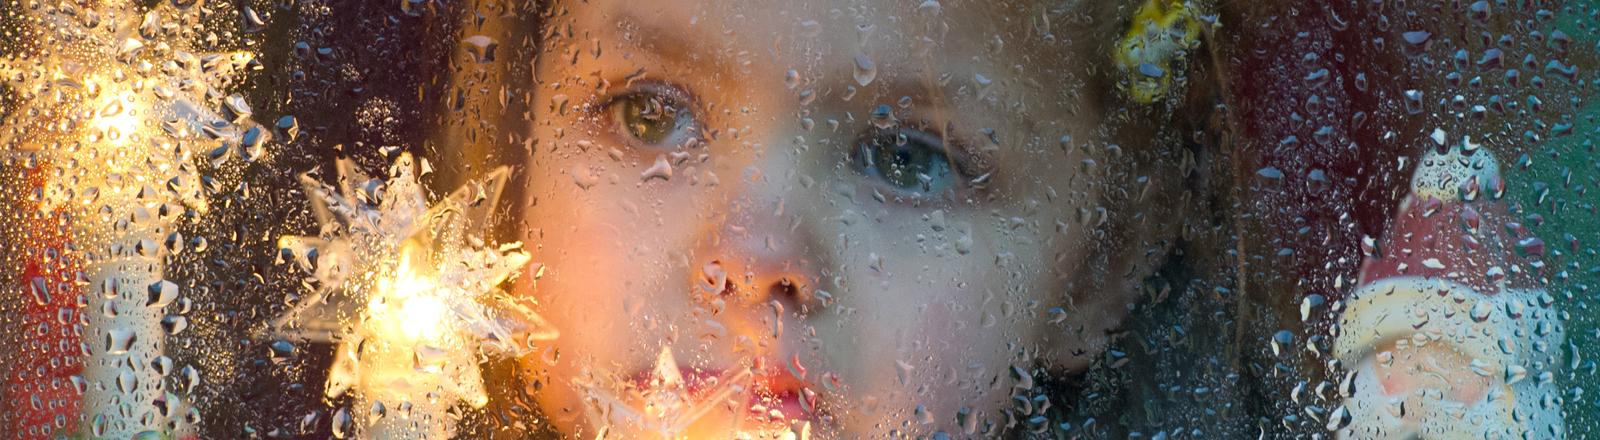 Die dreijährige Mia schaut am zweiten Weihnachtsfeiertag am 26.12.2013 aus einer vom Regen nassen Fensterscheibe in Sieversdorf (Brandenburg).